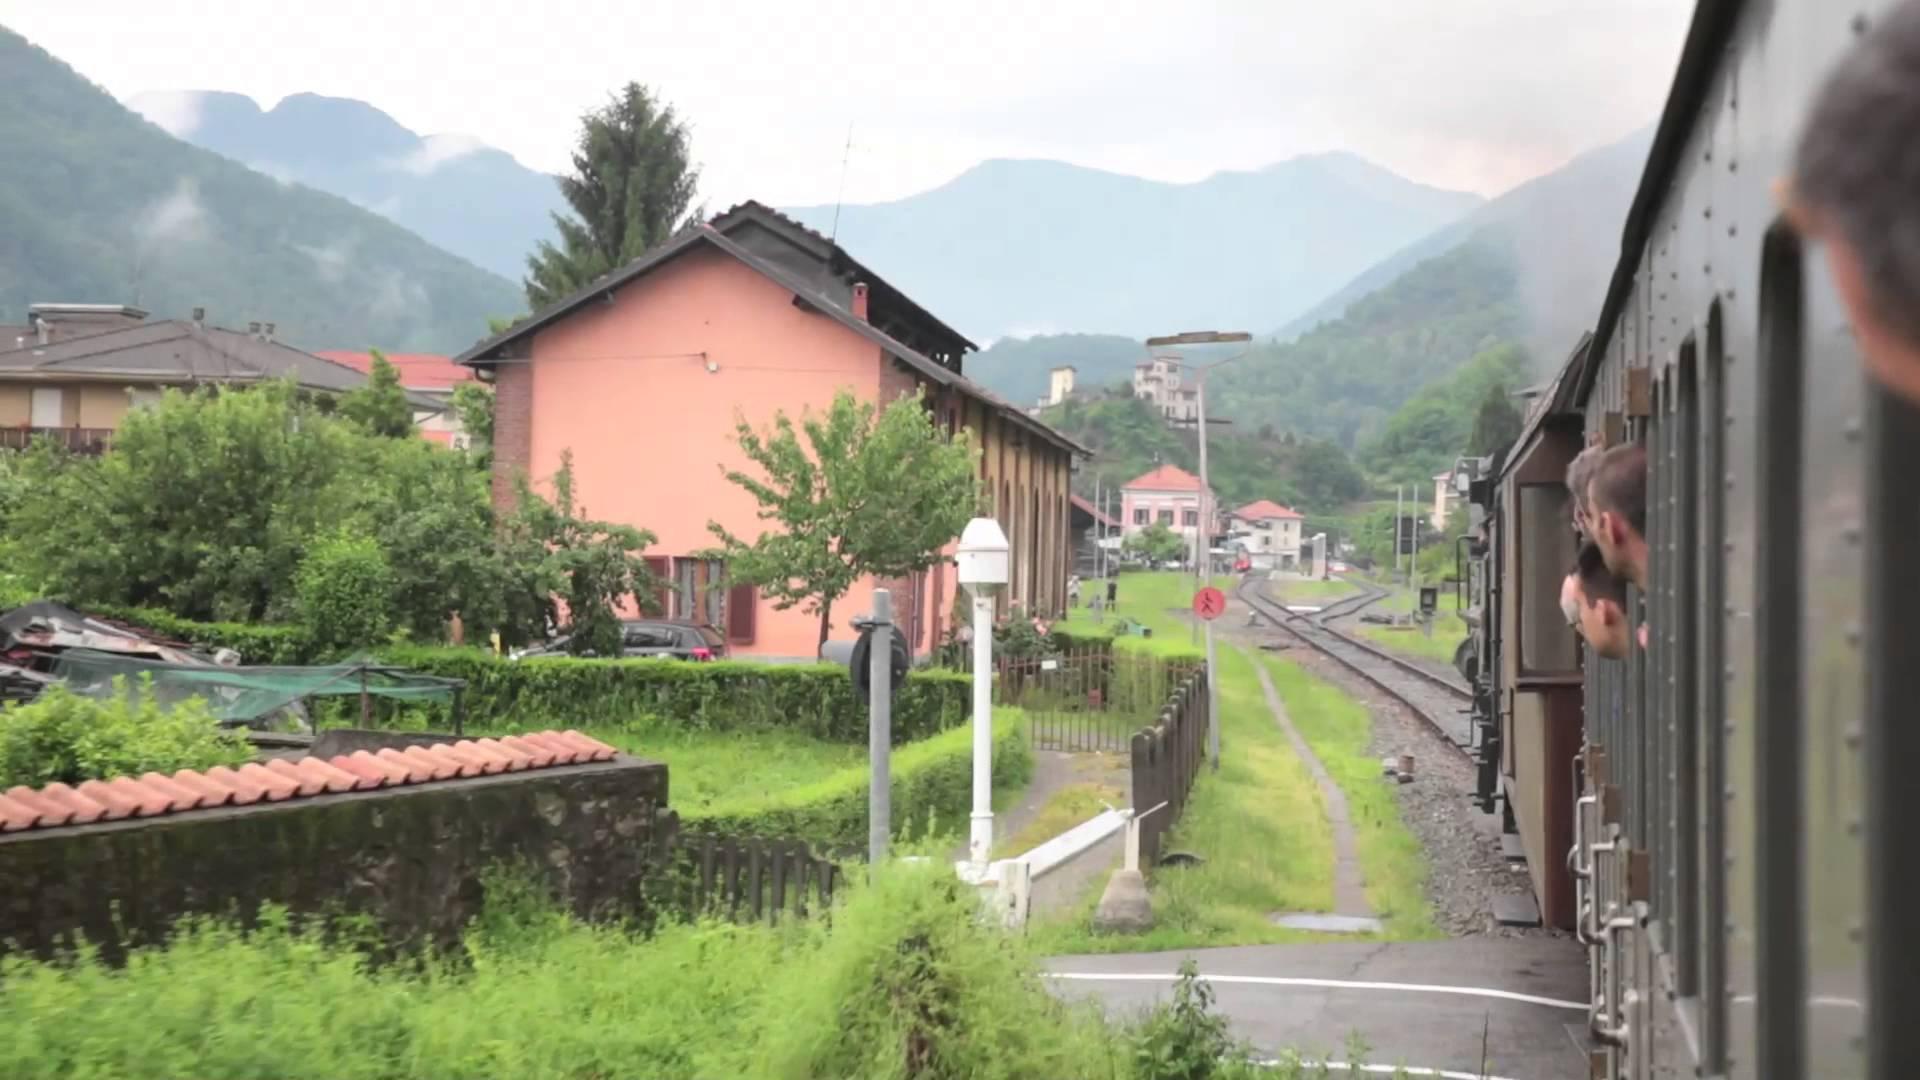 640.143 - Treno a vapore Milano - Varallo di ARSMS - 14 giugno 2015